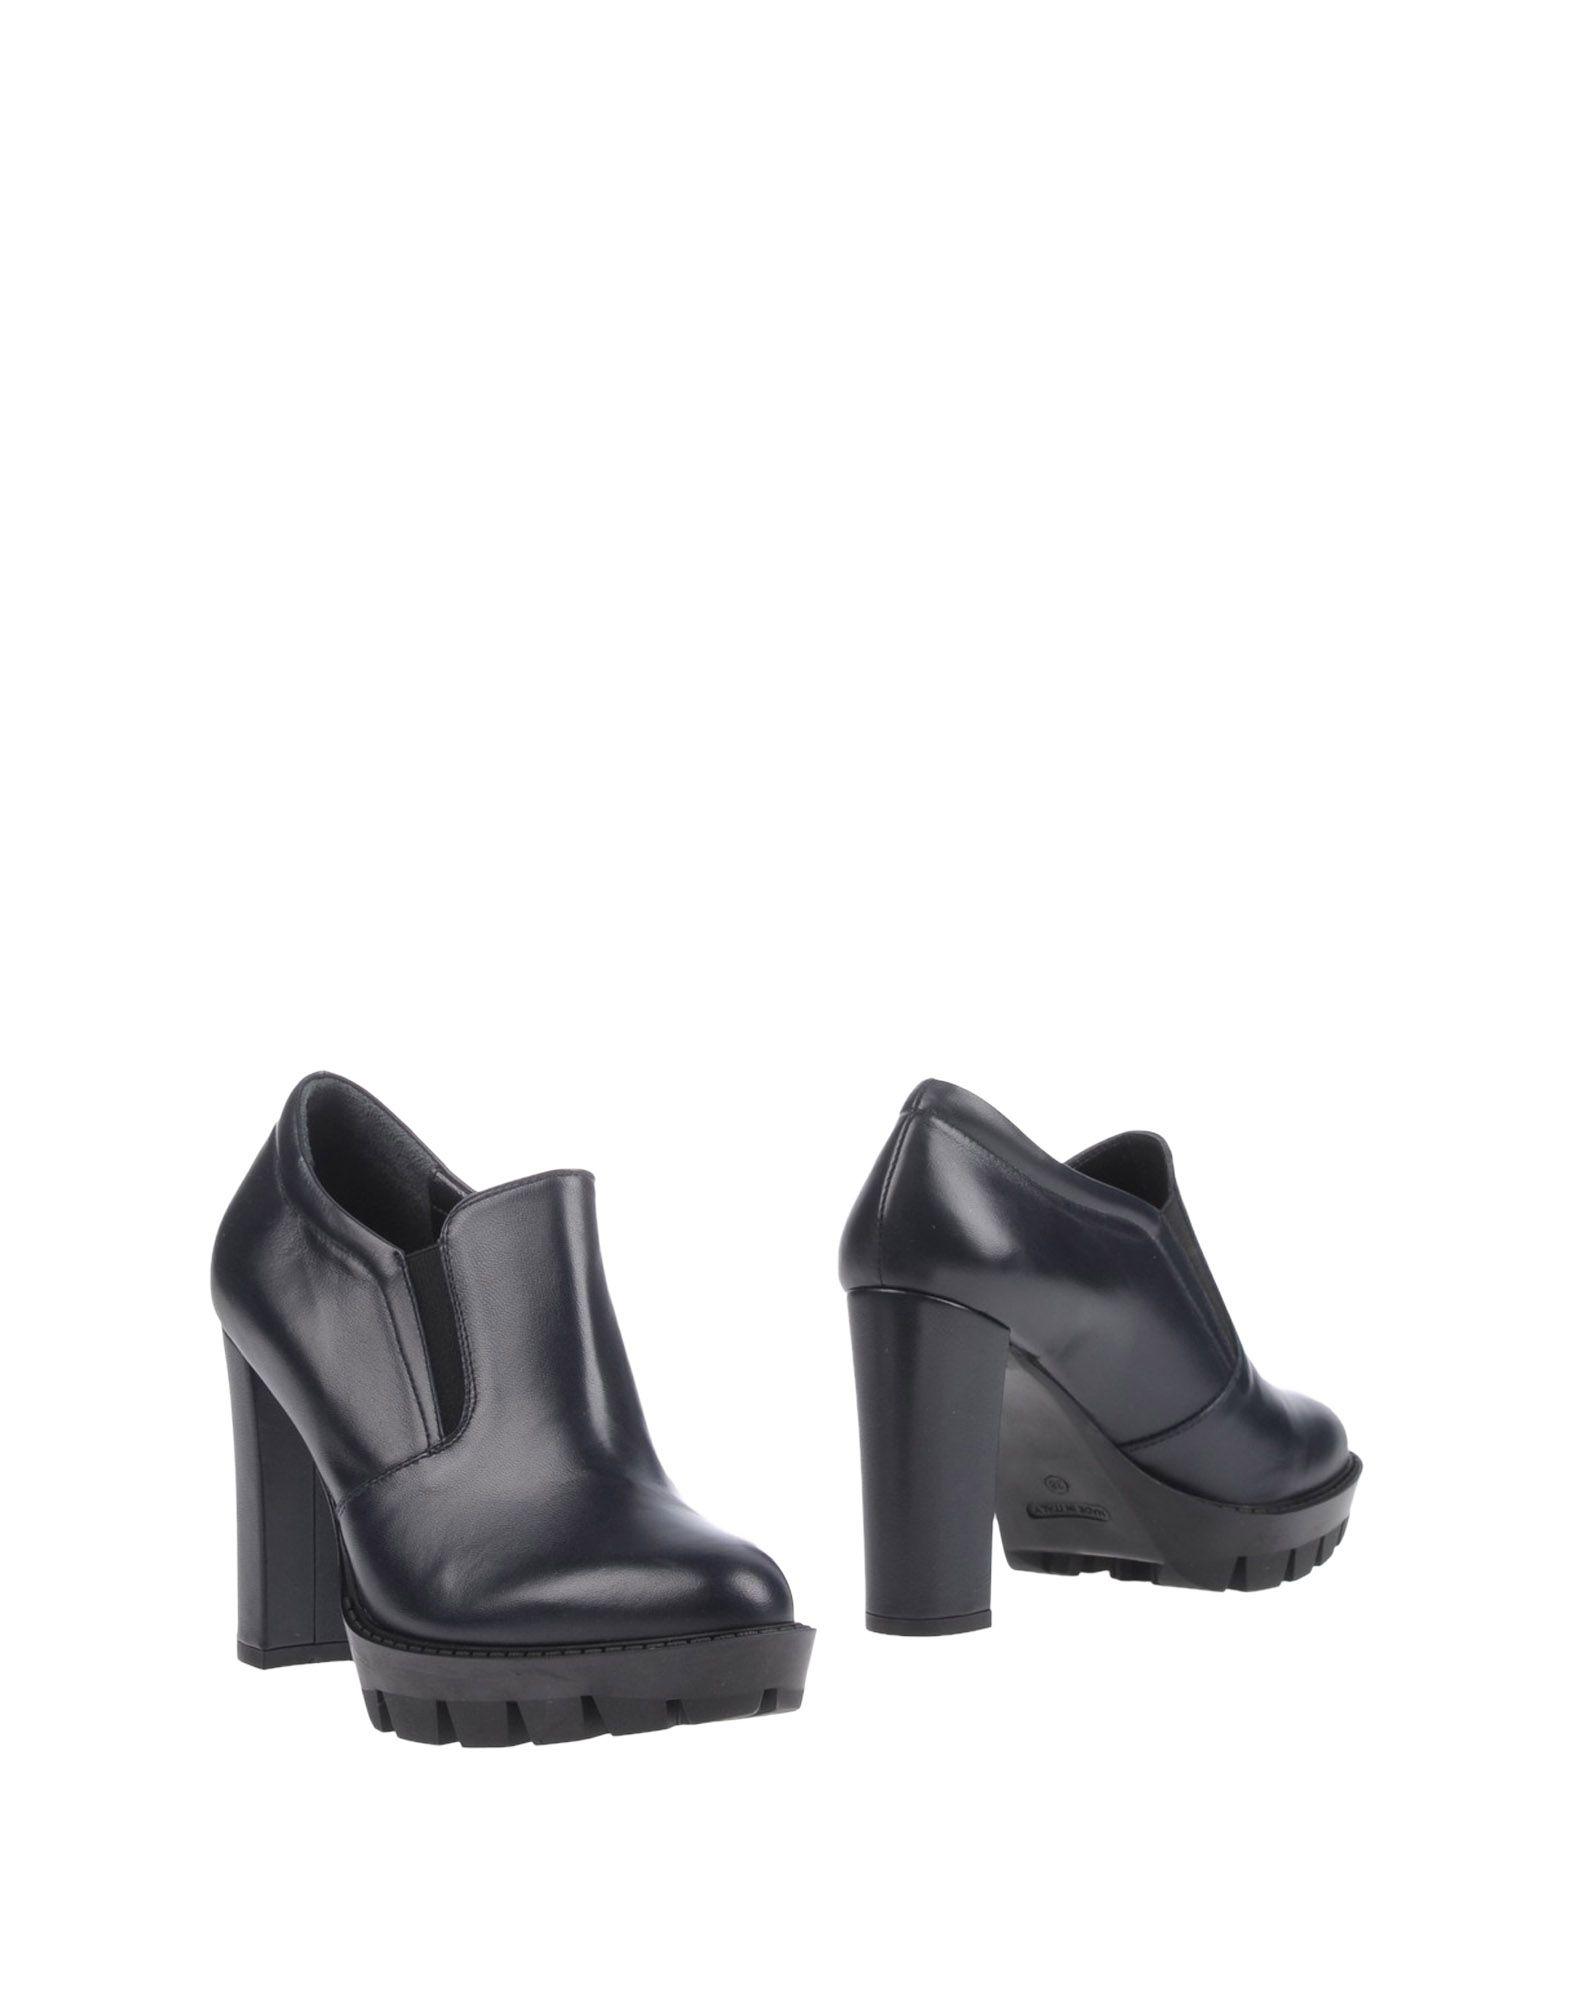 Anna F. Stiefelette Damen  11210812LV Gute Qualität beliebte Schuhe